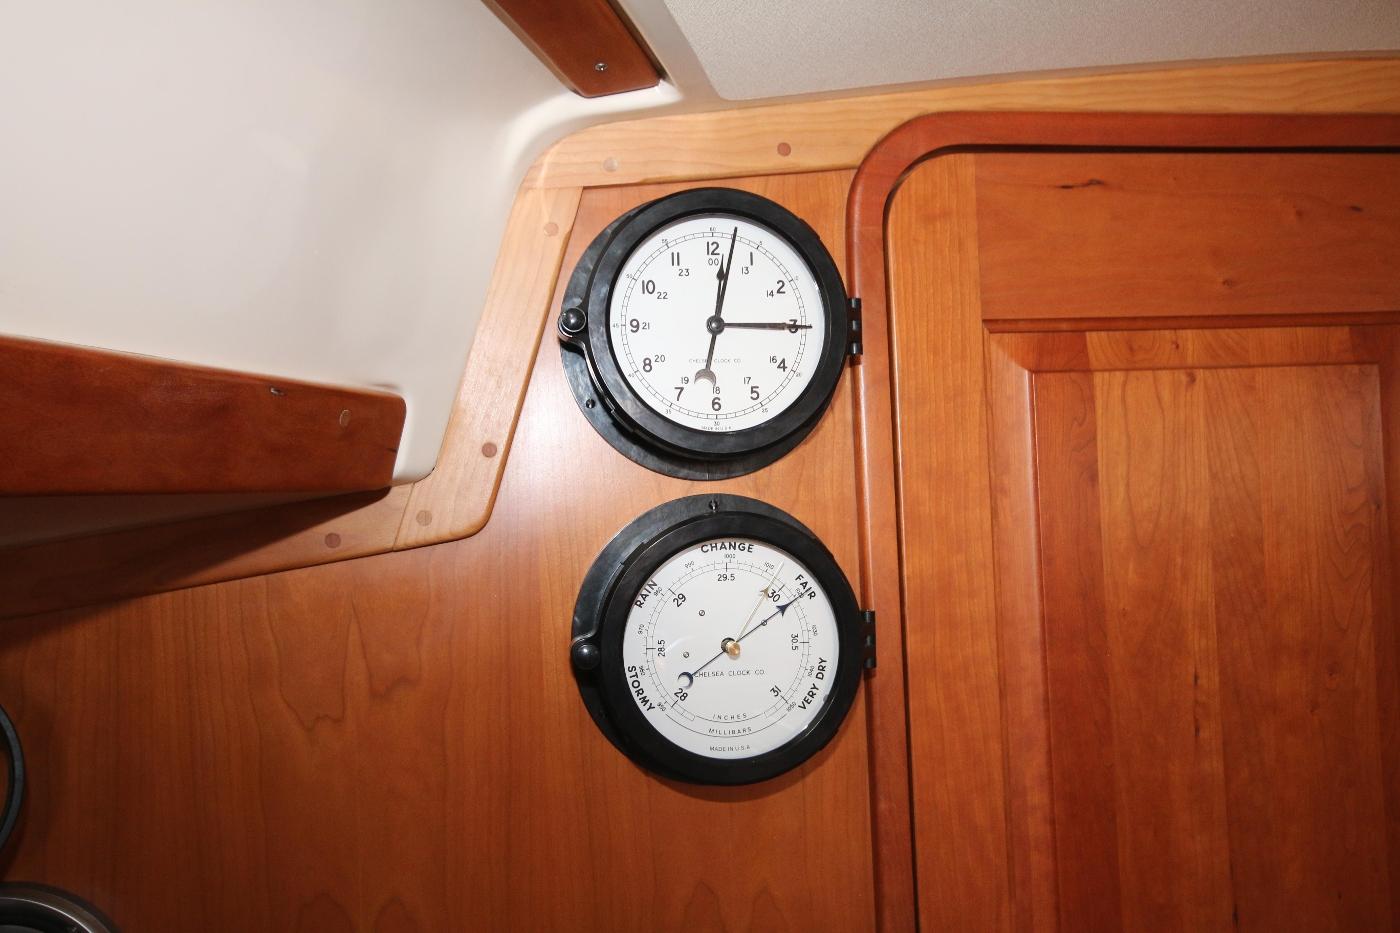 2003 Tartan 3700, Chelsea clock & barometer